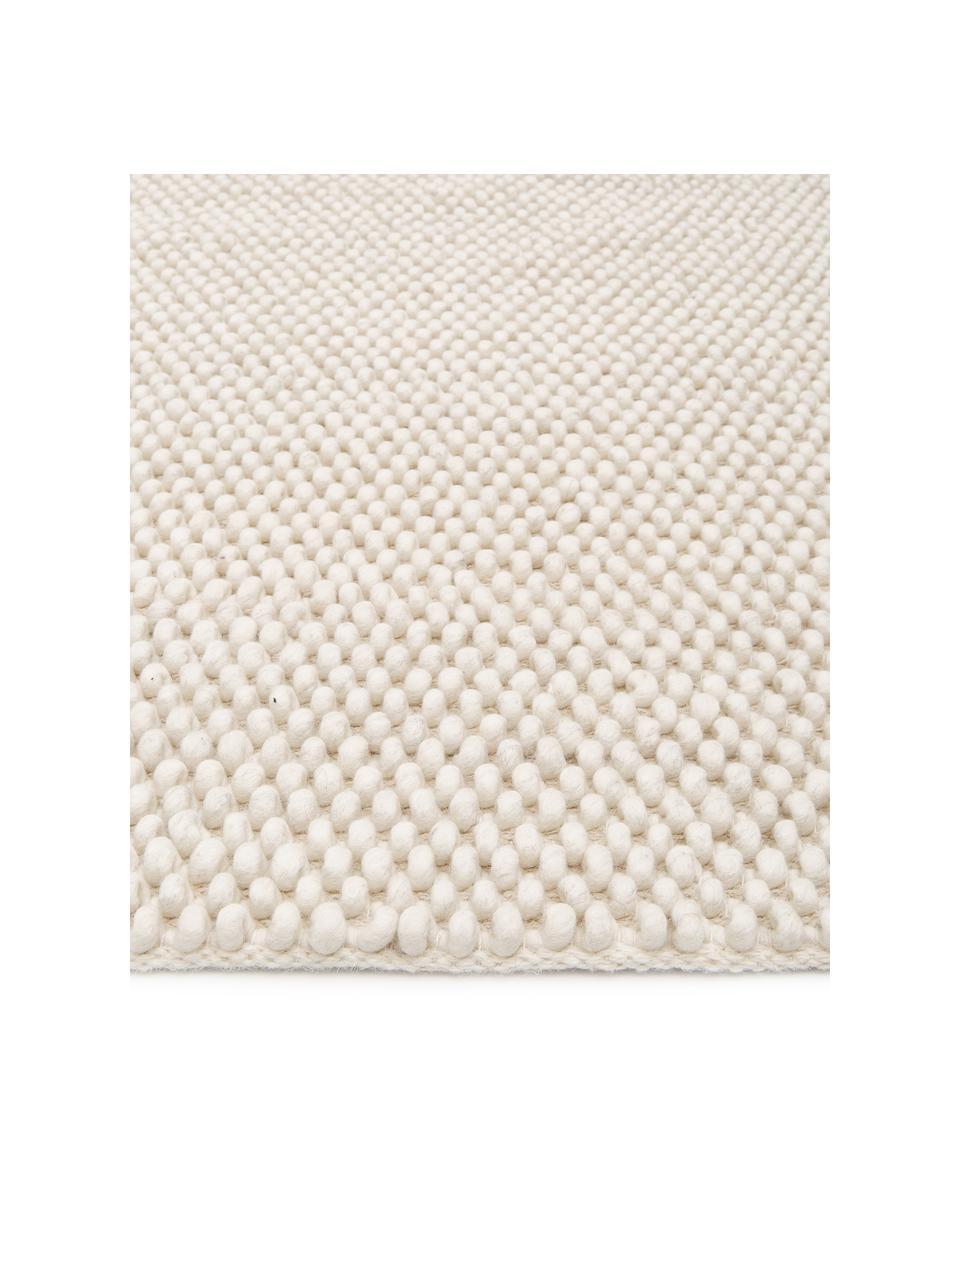 Tappeto in lana color avorio maculato cucito a mano My Loft, Retro: 100% cotone Nel caso dei , Avorio, Larg. 200 x Lung. 290 cm (taglia L)